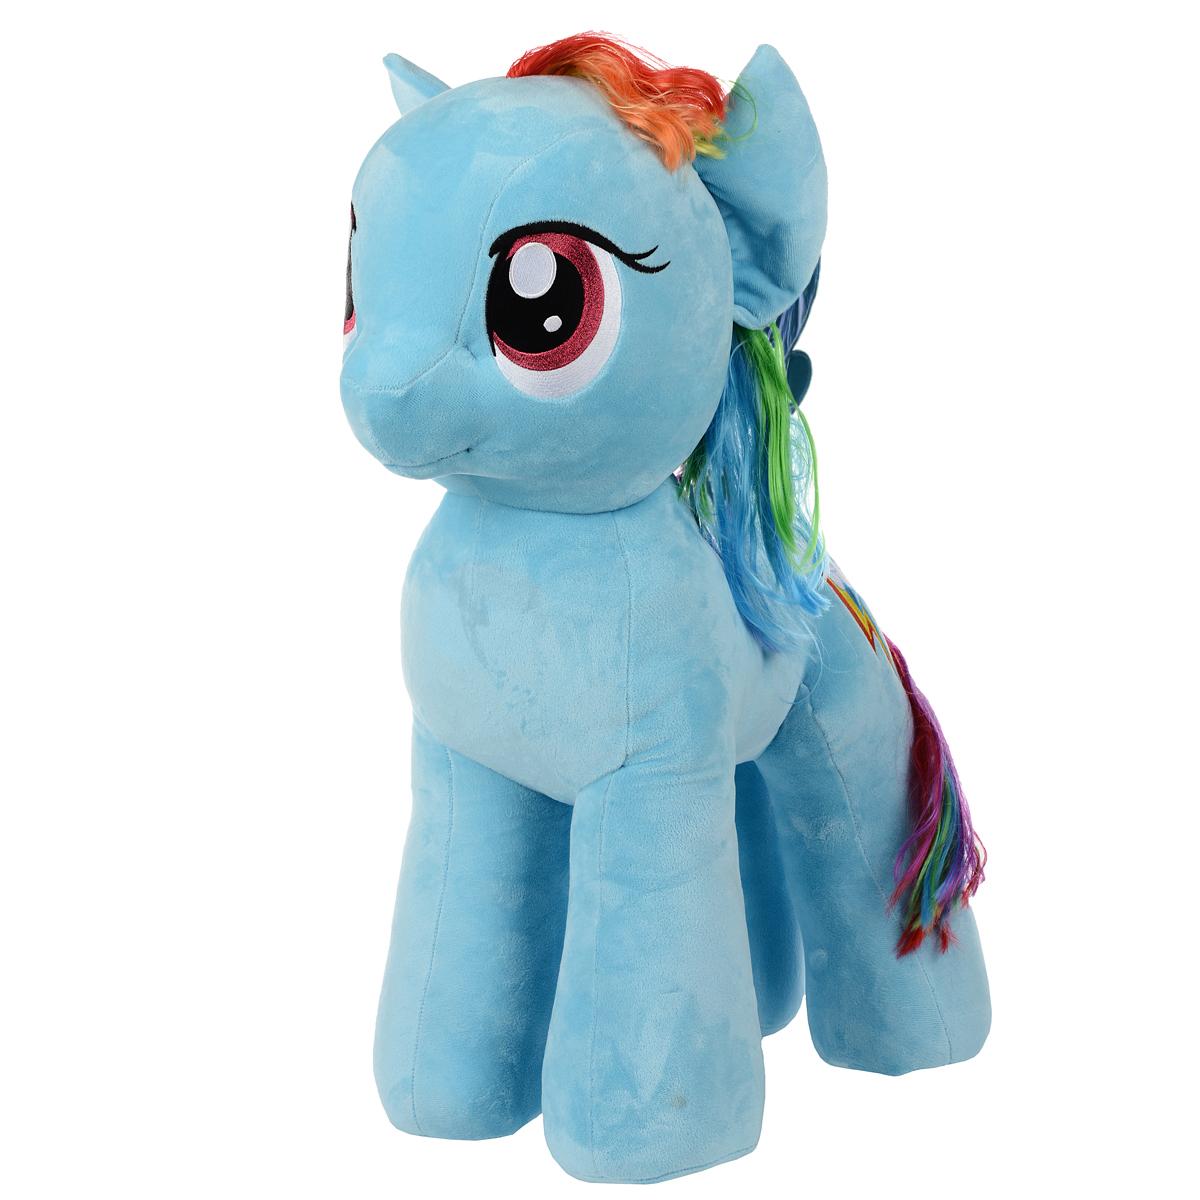 My Little Pony Мягкая игрушка Пони Rainbow Dash, 76 см90217Мягкая игрушка My Little Pony Пони Rainbow Dash подарит вашему ребенку много радости и веселья! Она выполнена в виде персонажа мультфильма  My Little Pony - пони Радуги. Игрушка удивительно приятна на ощупь. Она изготовлена из мягкого текстильного материала, глазки вышиты нитками. Чудесная мягкая игрушка принесет радость и подарит своему обладателю мгновения нежных объятий и приятных воспоминаний. Рэинбоу Дэш - это голубая пони, у которой грива и хвост окрашены в радужные цвета. Глаза Радуги малинового цвета. Хобби Рэйнбоу - это, естественно, полеты, а ее работа - очищение неба и устройство погоды в Понивилле. Радуга очень смелая, целеустремленная пони, она не любит проигрывать, обожает победы, скорость и полеты, любит опасности и приключения, иногда может запугать своих друзей-пони. В ней кипит настоящий адреналин, она готова сразиться с любым врагом. Чудесная малышка станет любимой игрушкой вашего ребенка!